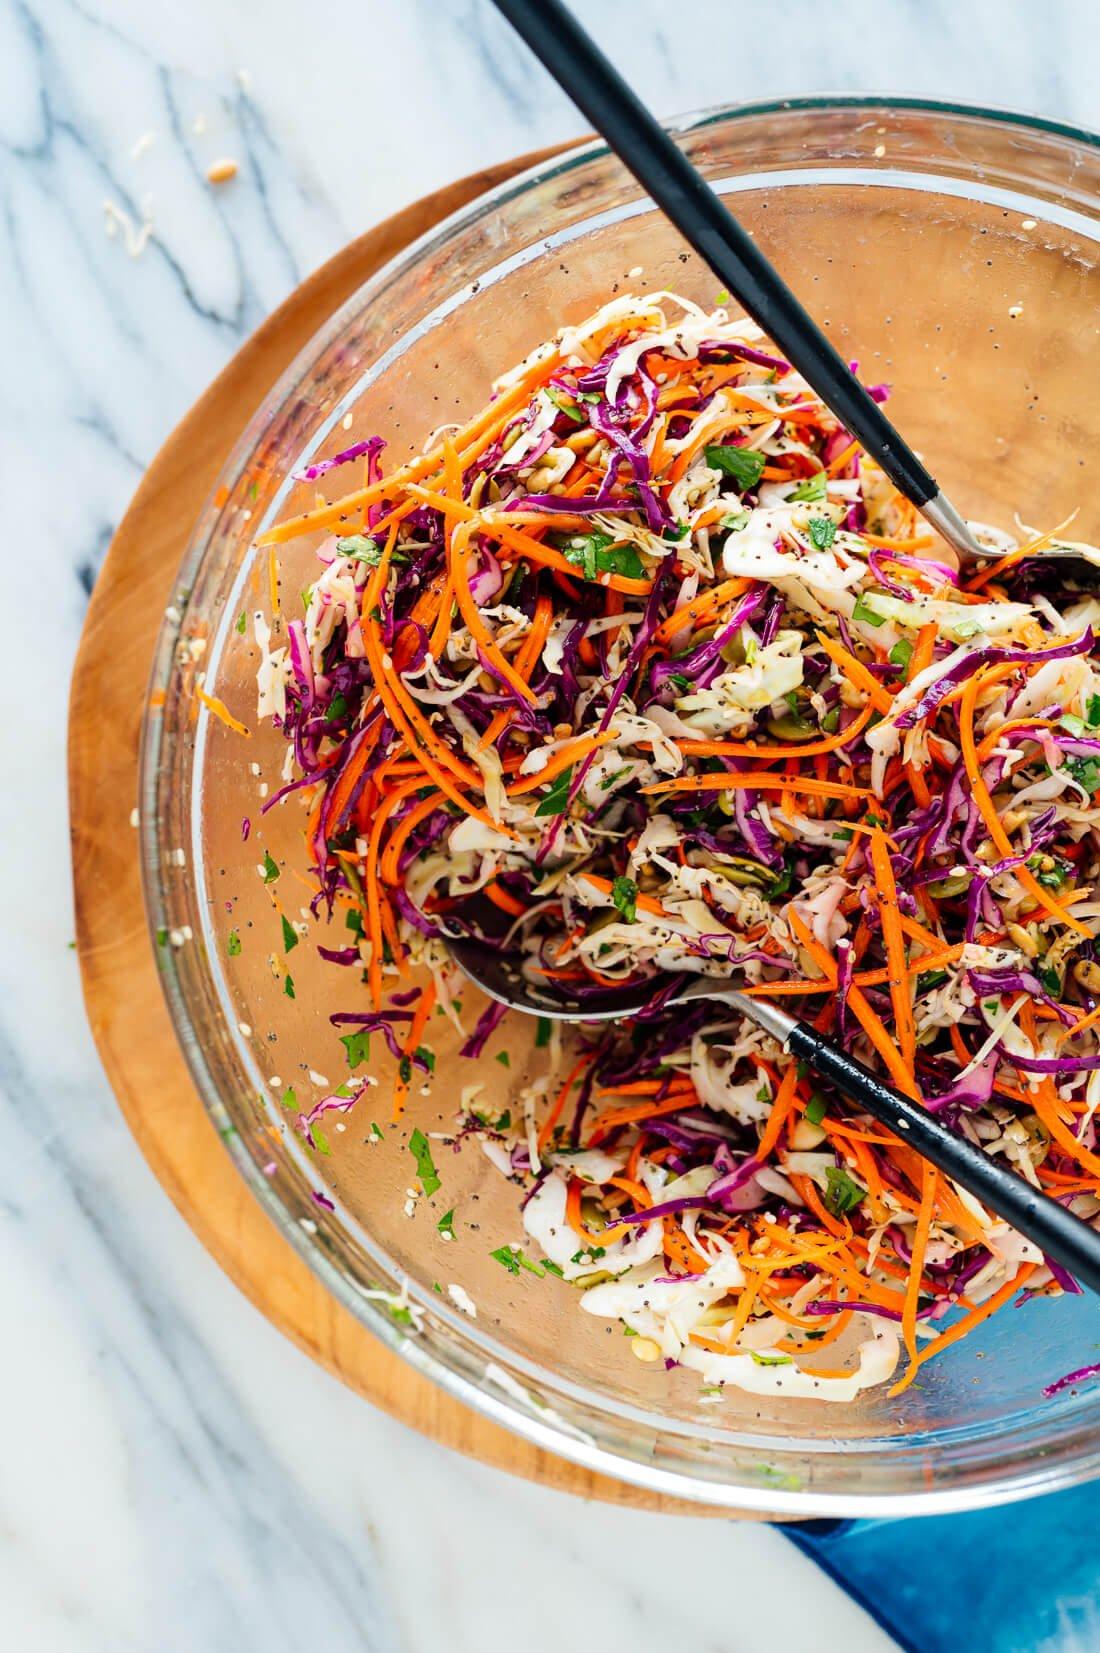 simple healthy coleslaw recipe